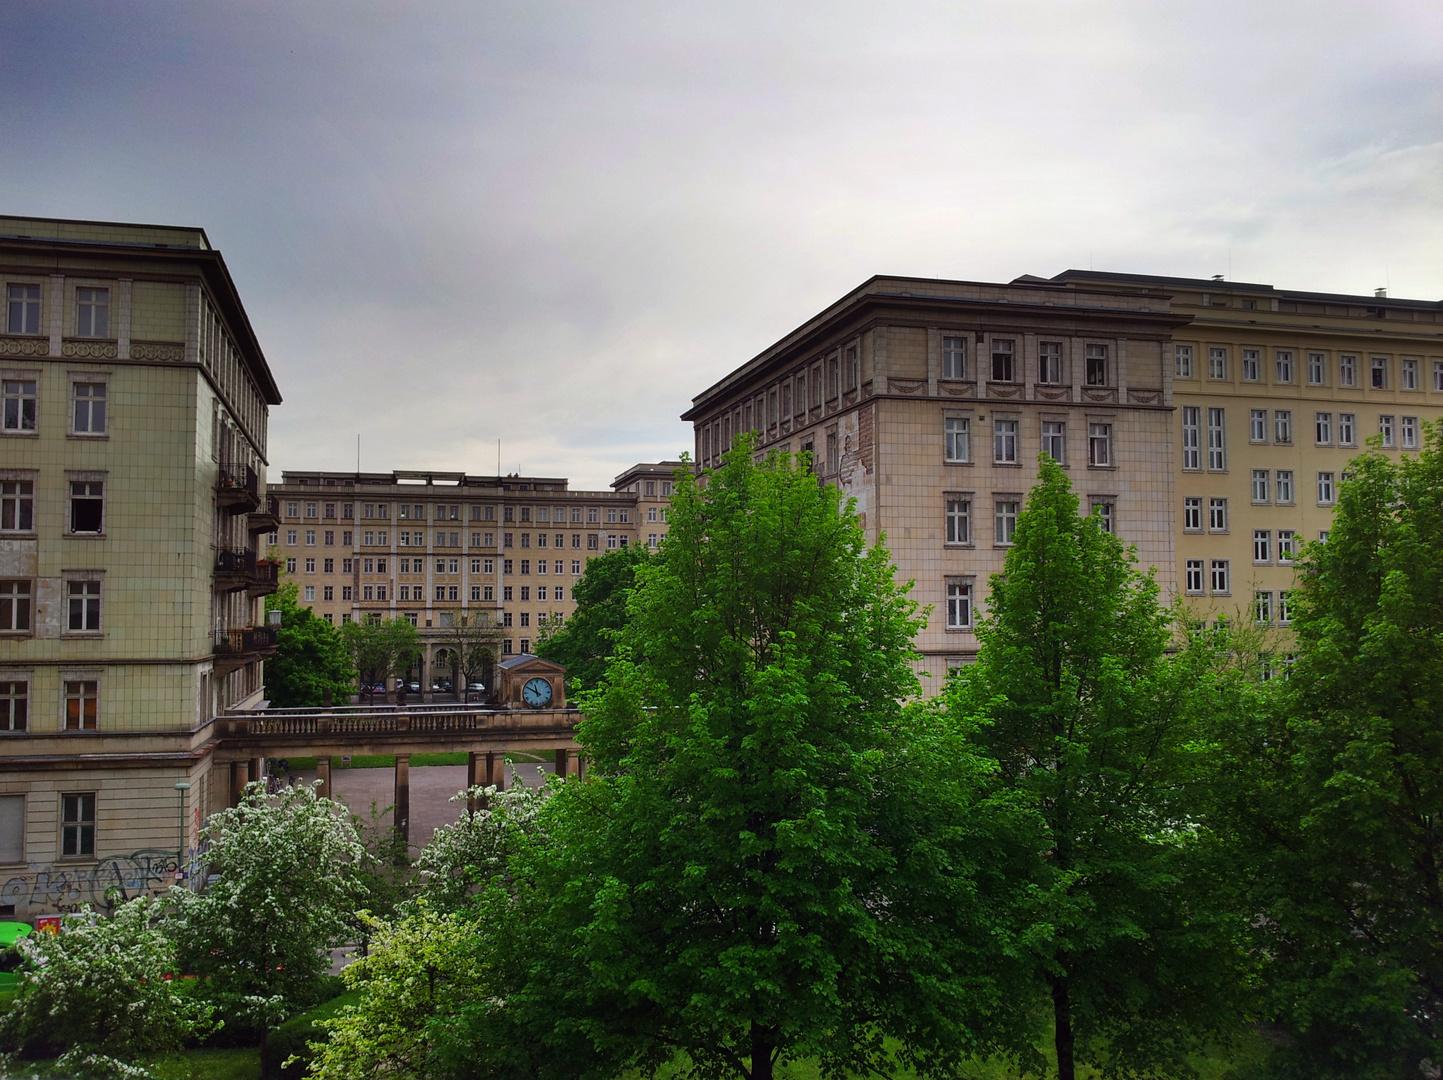 das Grüne Herz der Frankfurter Allee von Hinten